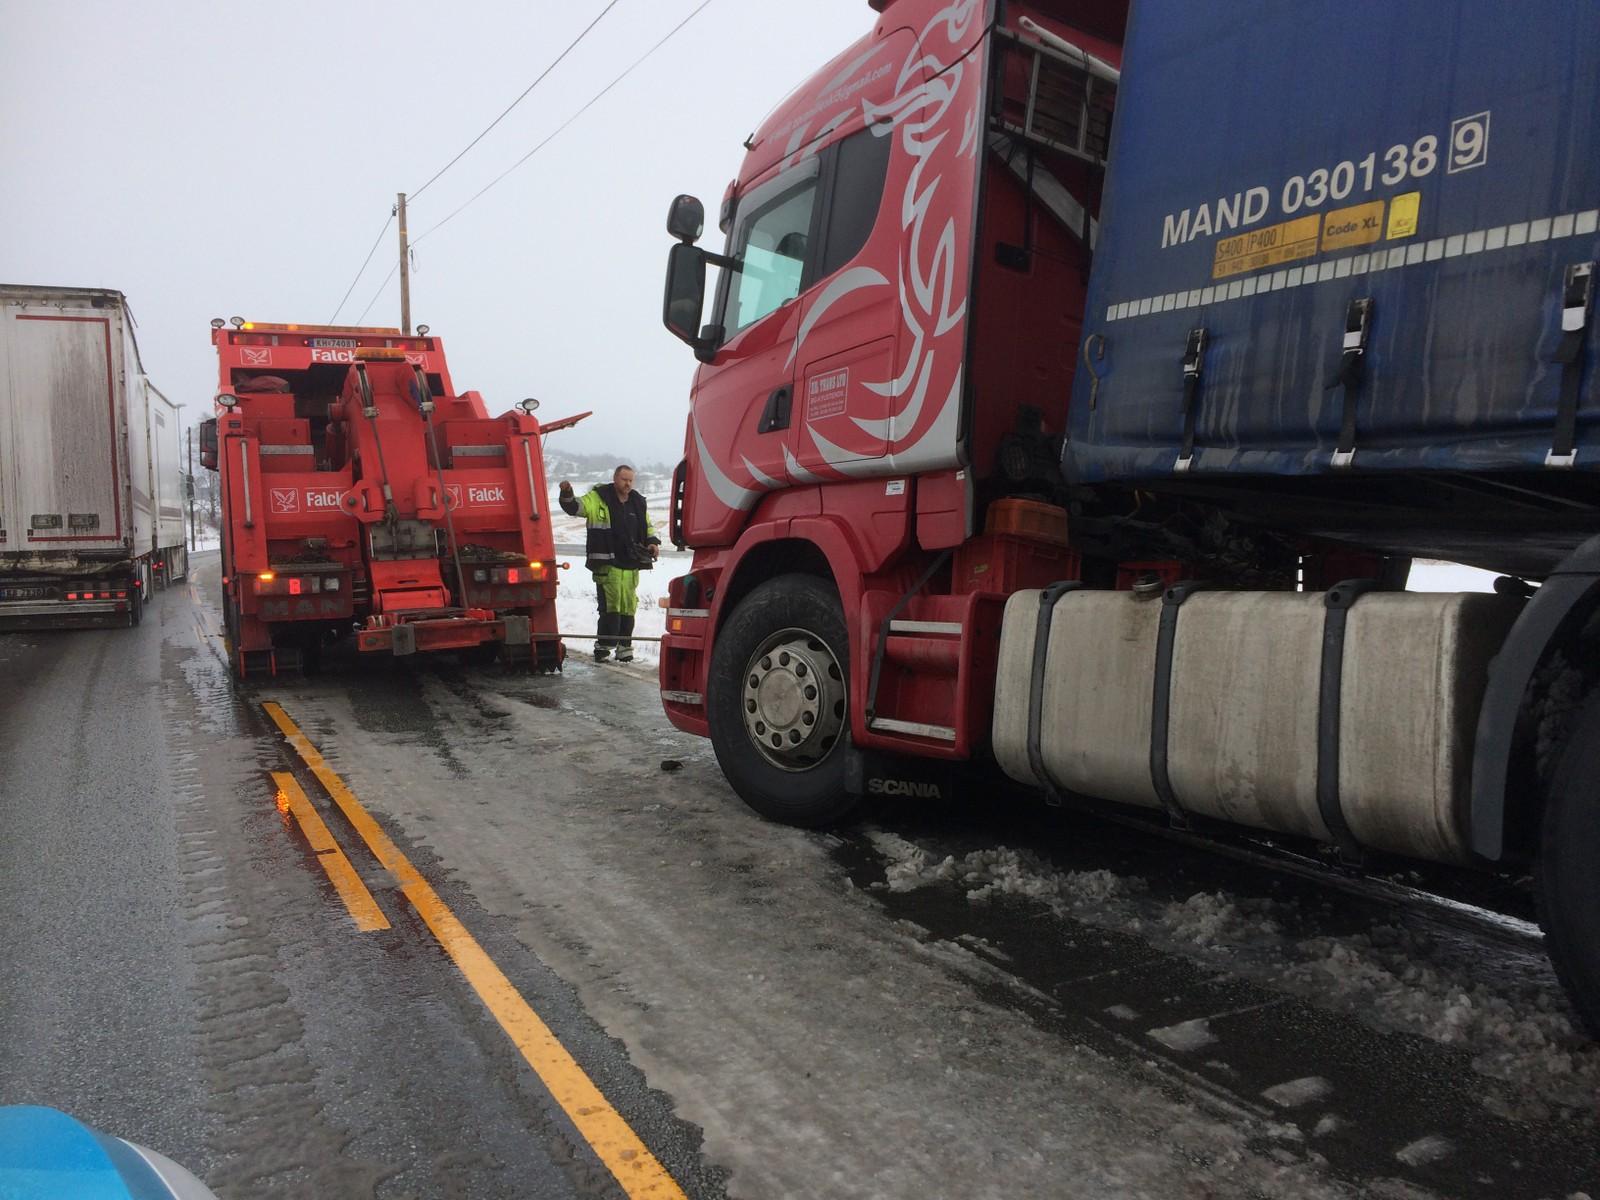 En trailer måtte berges av Falck etter å ha endt i grøfta på Riksvei 111.